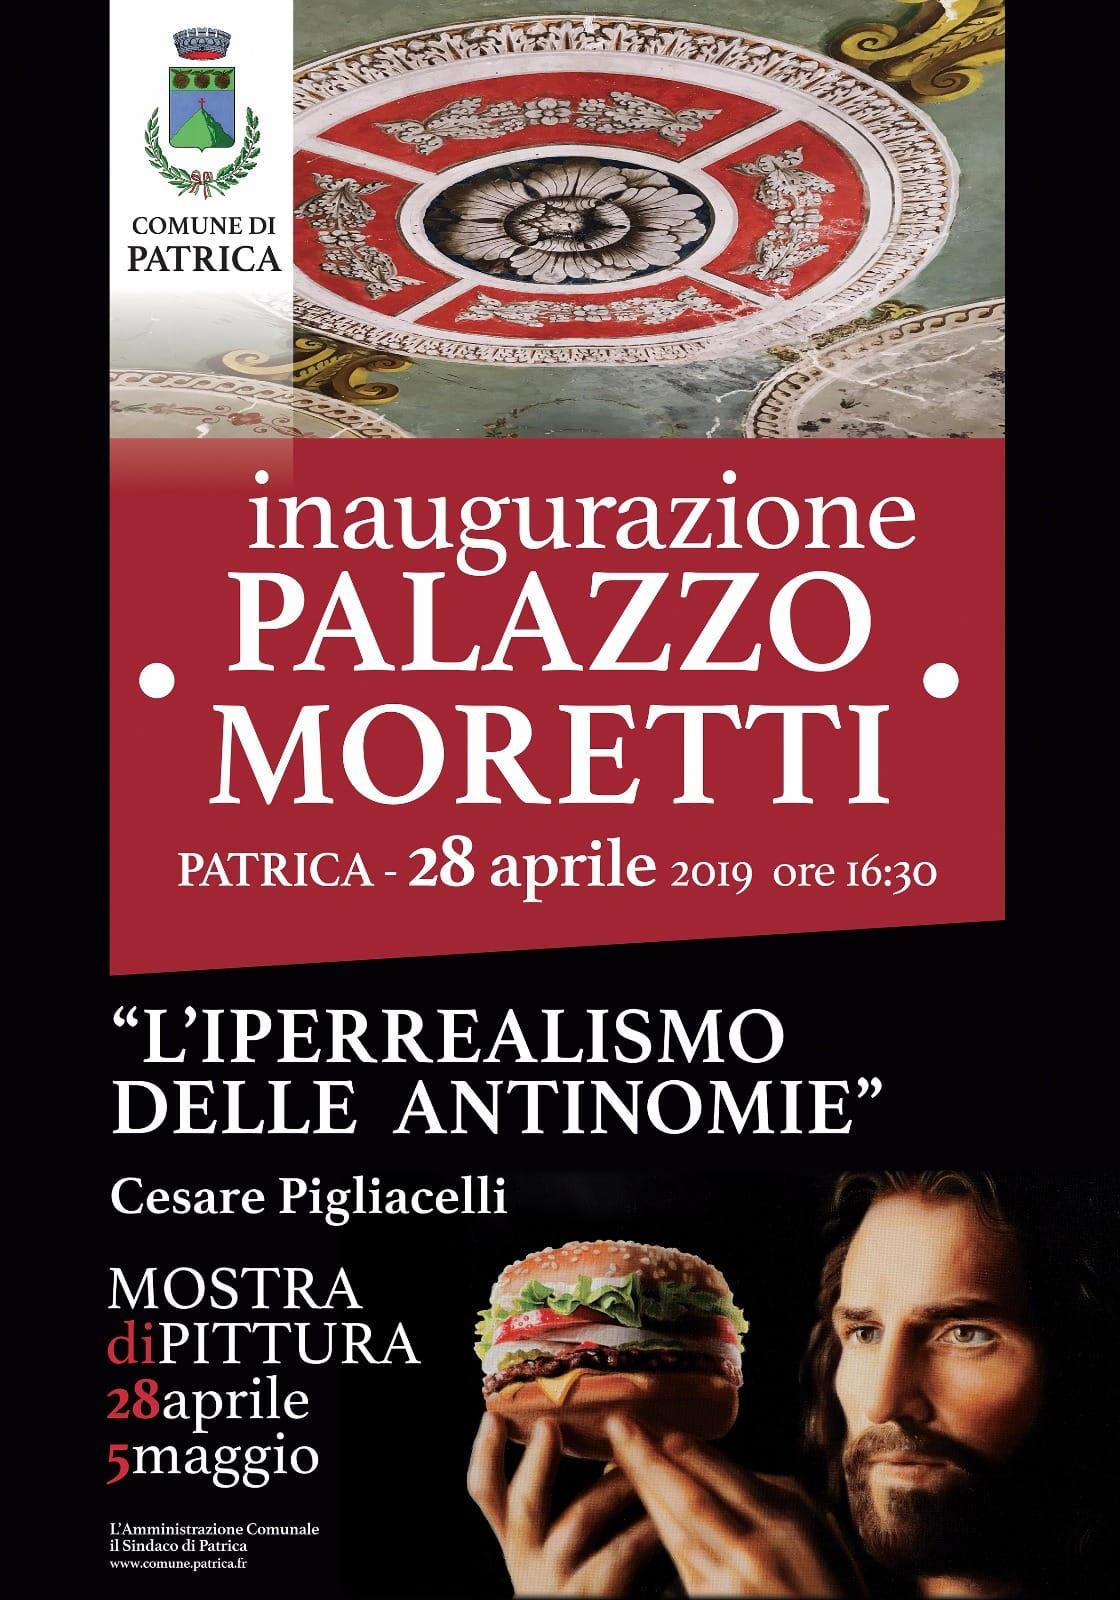 Patrica: Inaugurazione Palazzo Moretti @ palazzo moretti | Patrica | Lazio | Italia